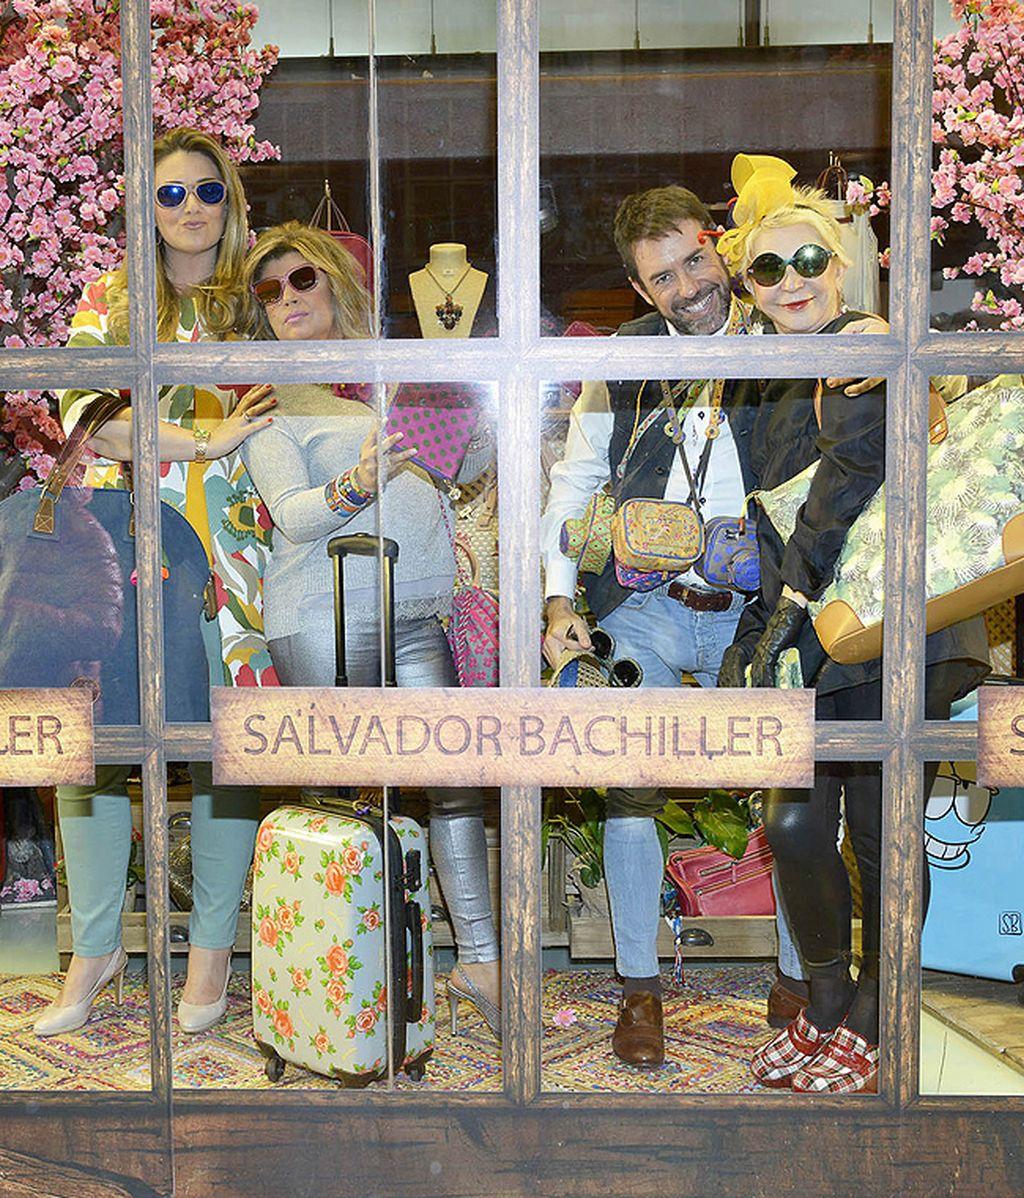 Los colaboradores posan en el escaparate de Salvador Bachiller